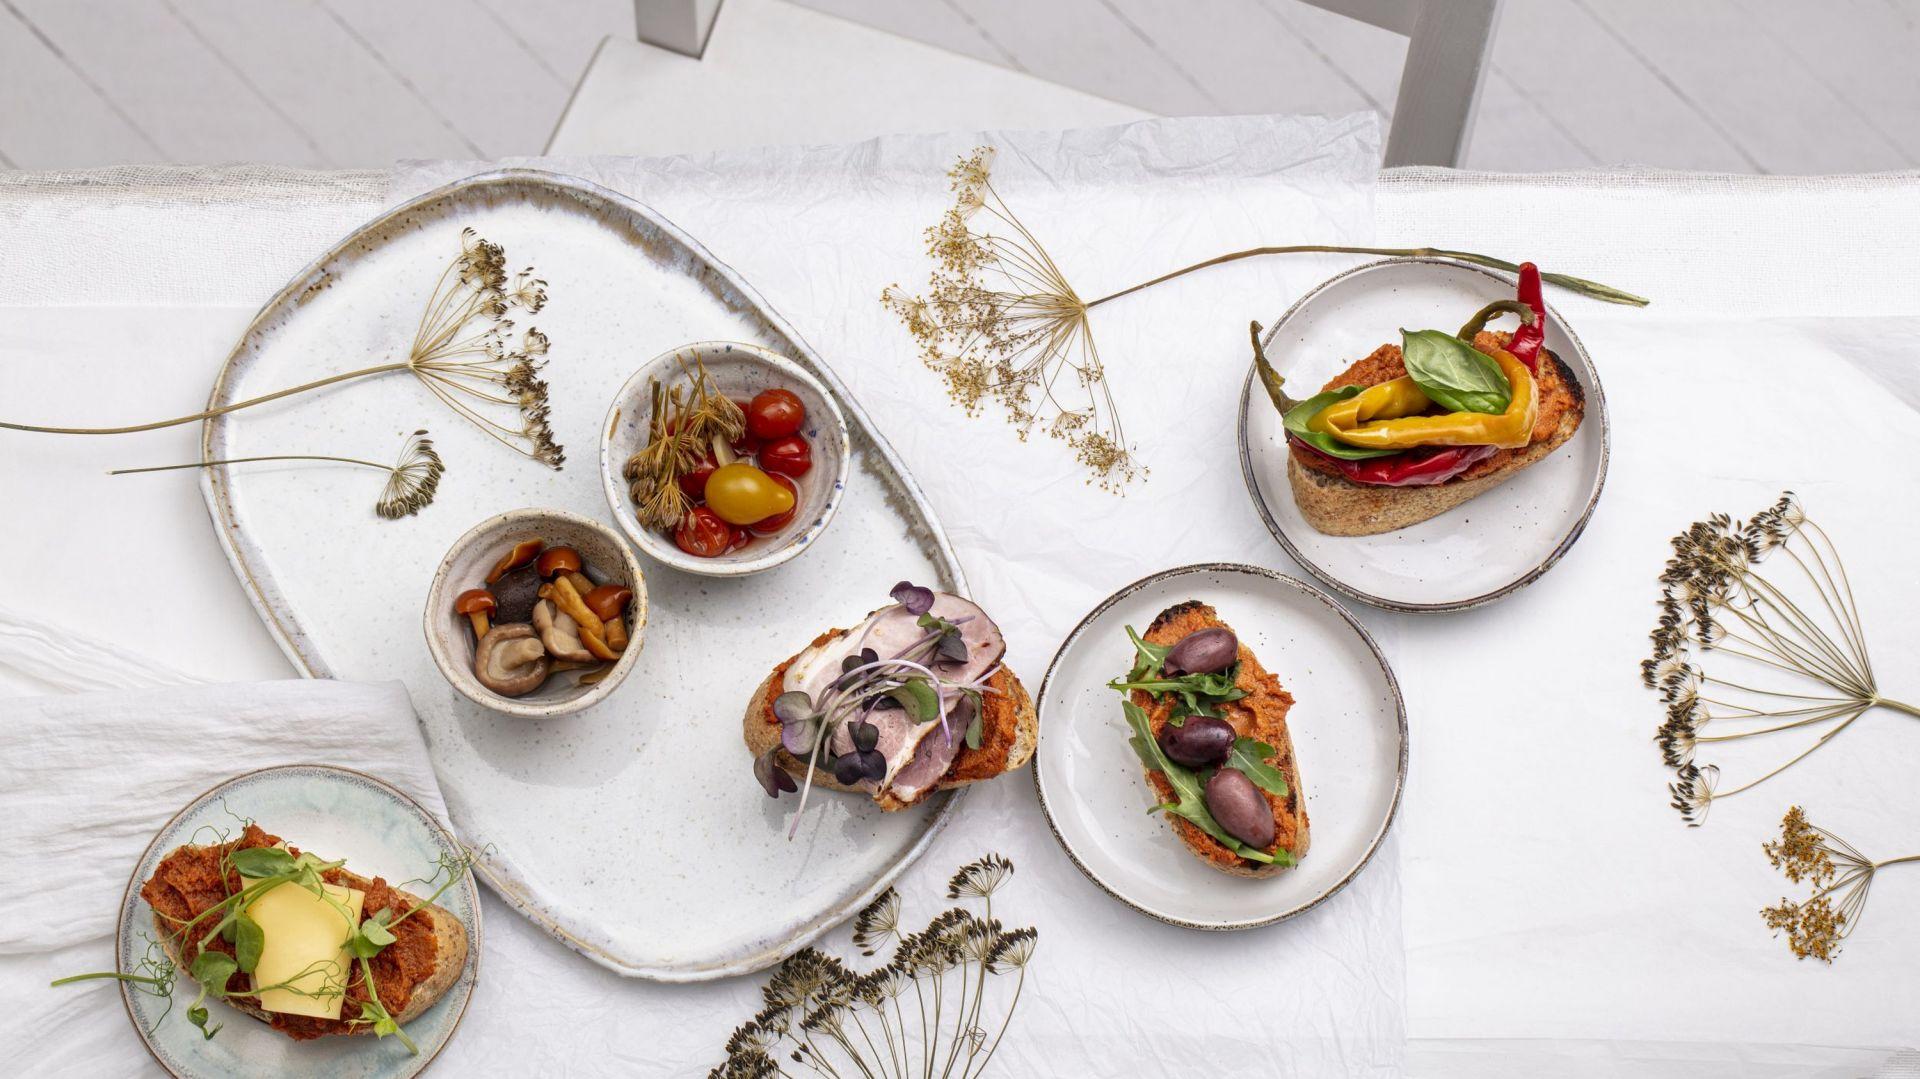 Kanapeczki w stylu finger food z pastą warzywno-mięsną. Fot. ZM Pekpol